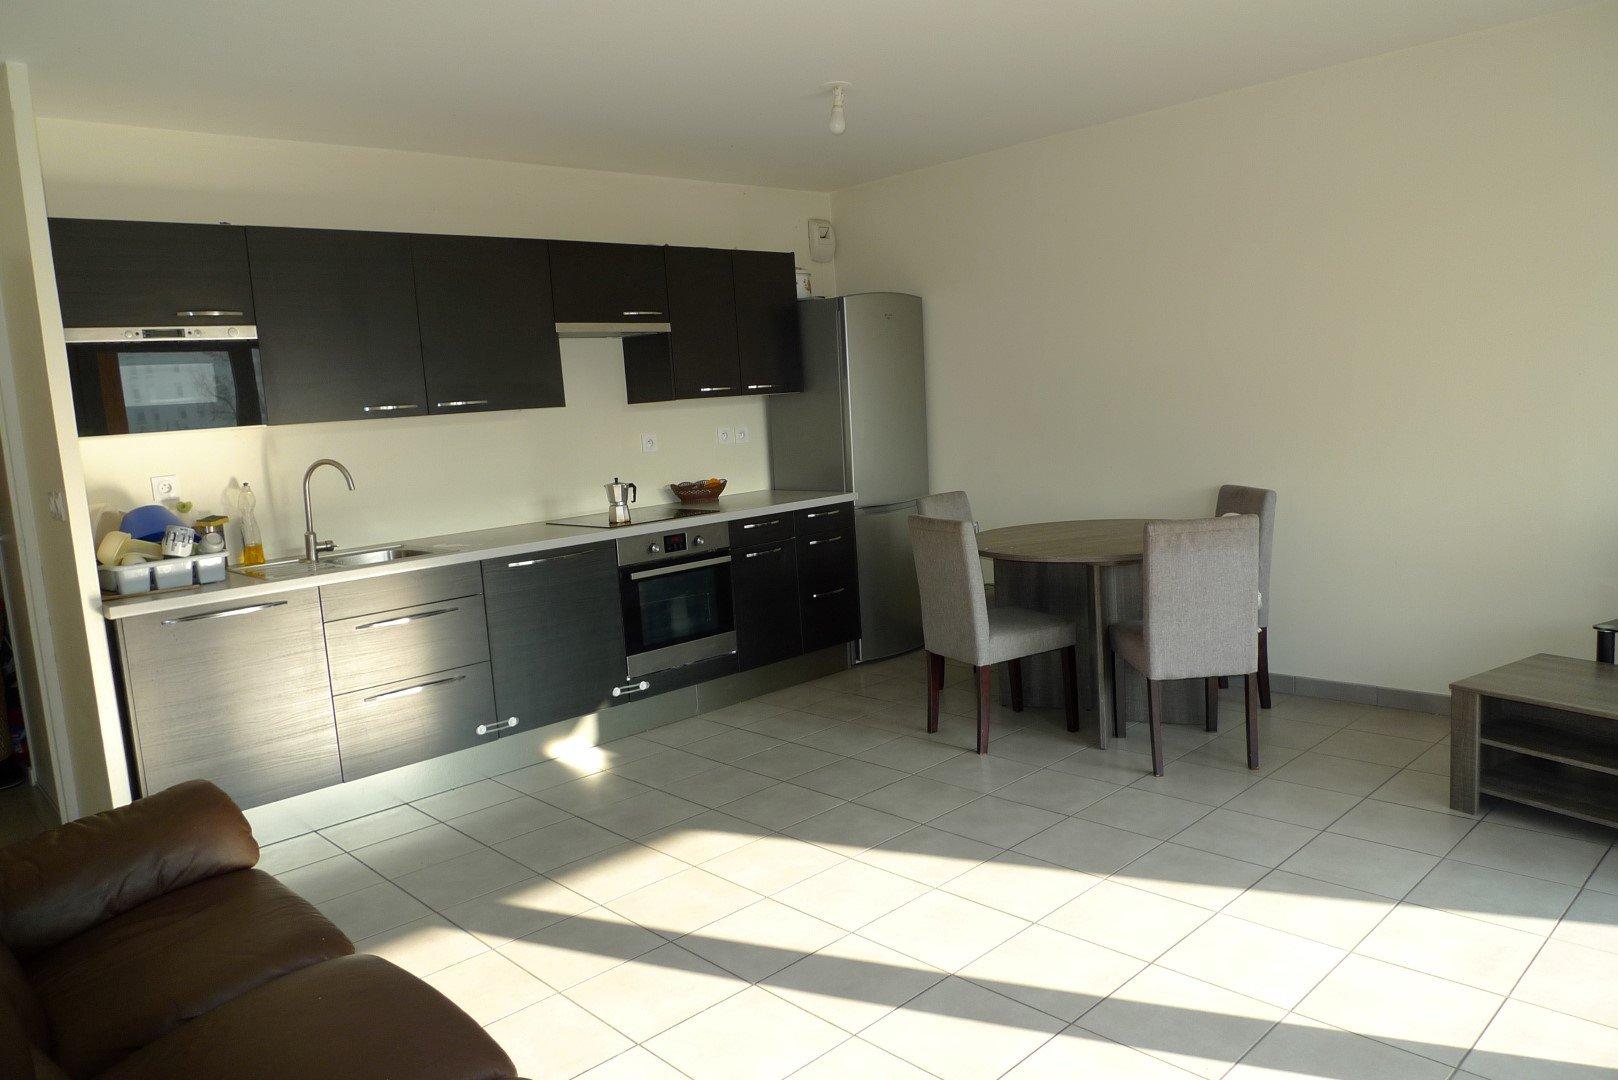 Achat Appartement Surface de 46.49 m², 2 pièces, Saint-Fons (69190)